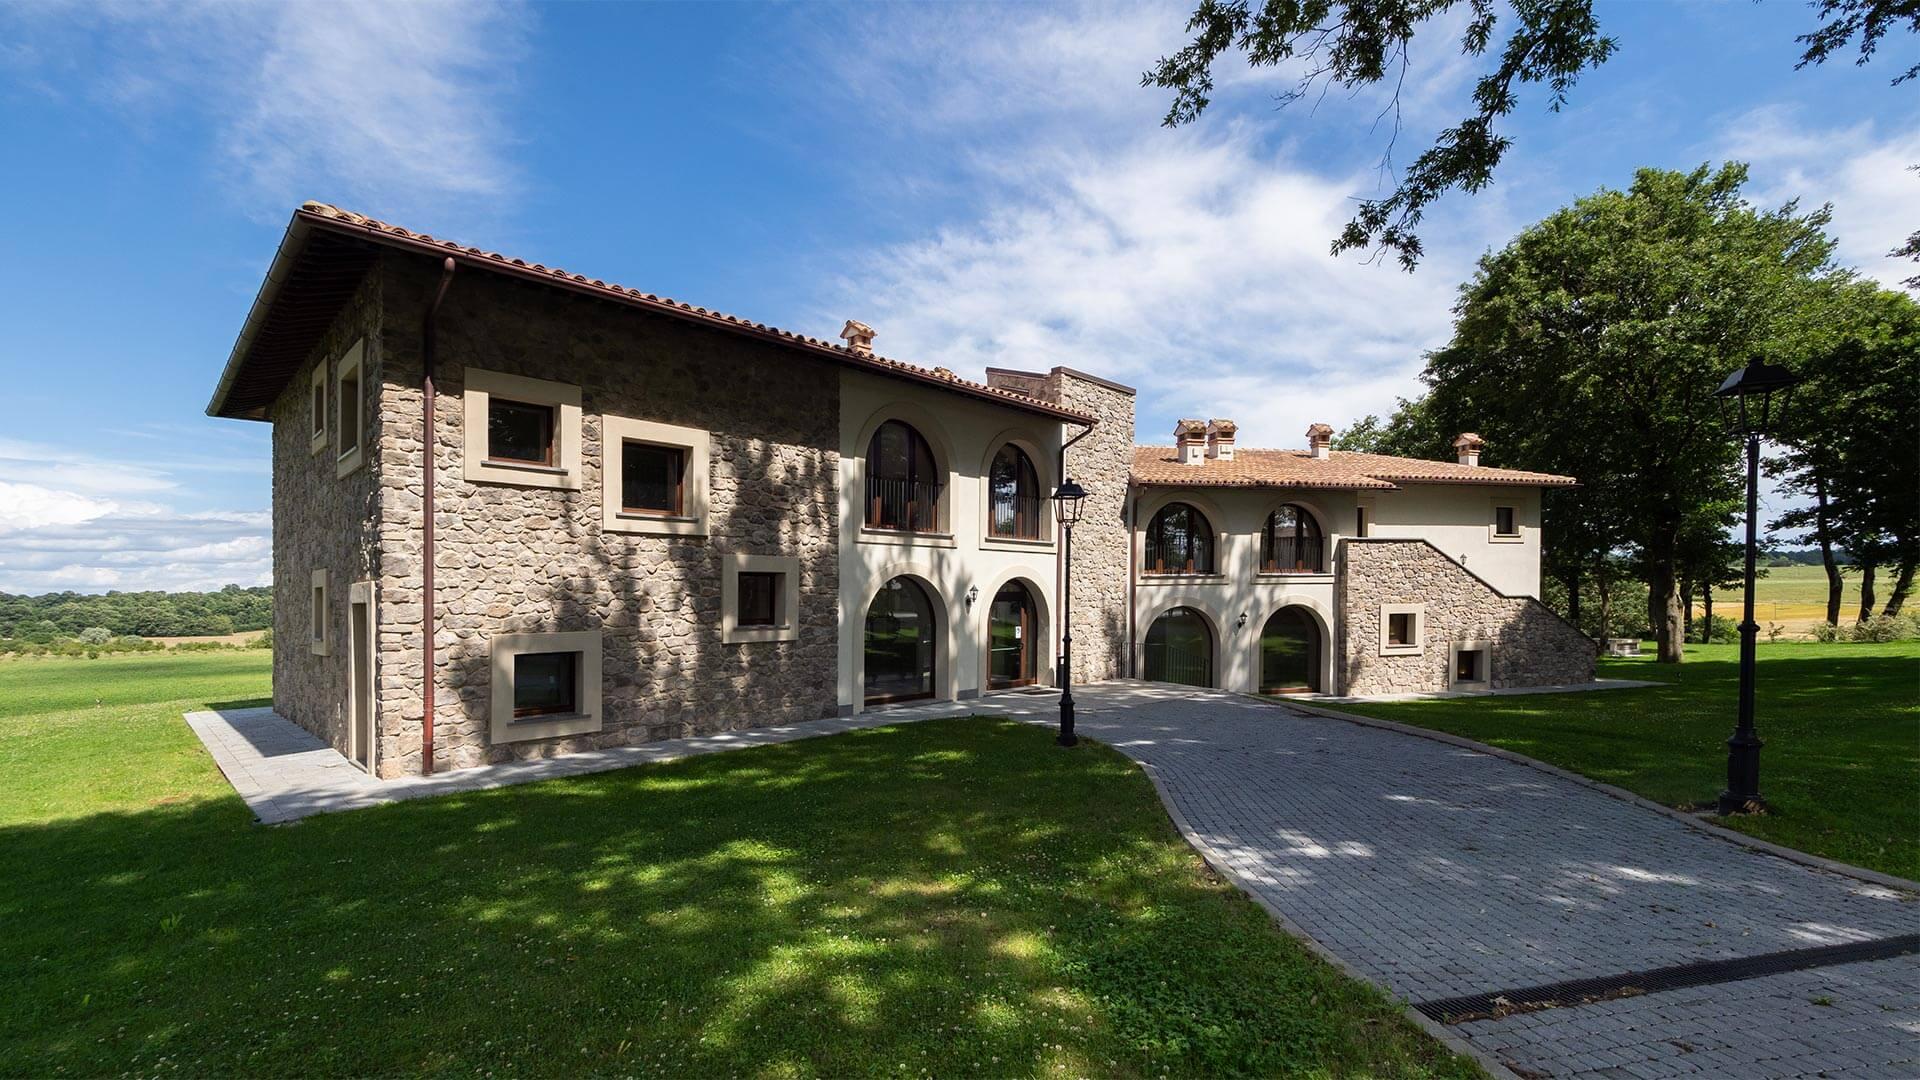 The Borgo Village